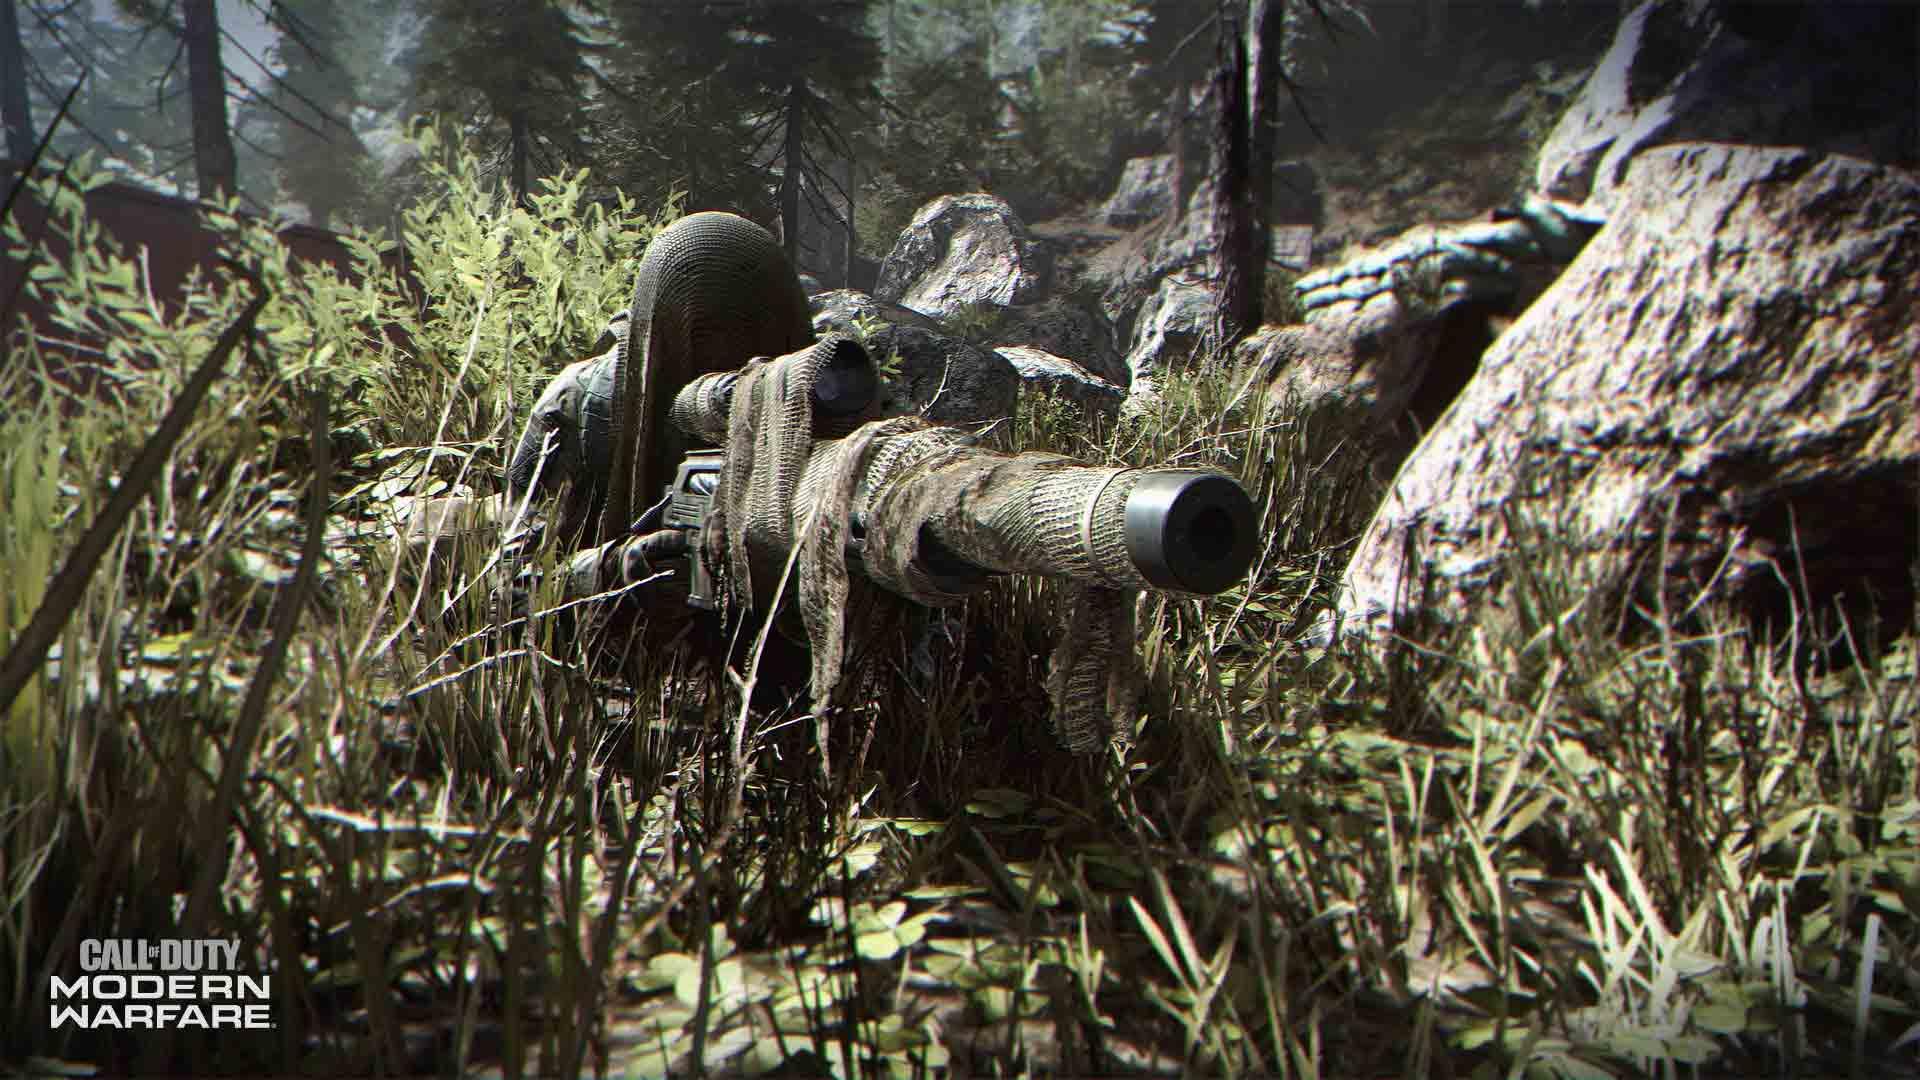 COD-Modern-Warfare-Sniper